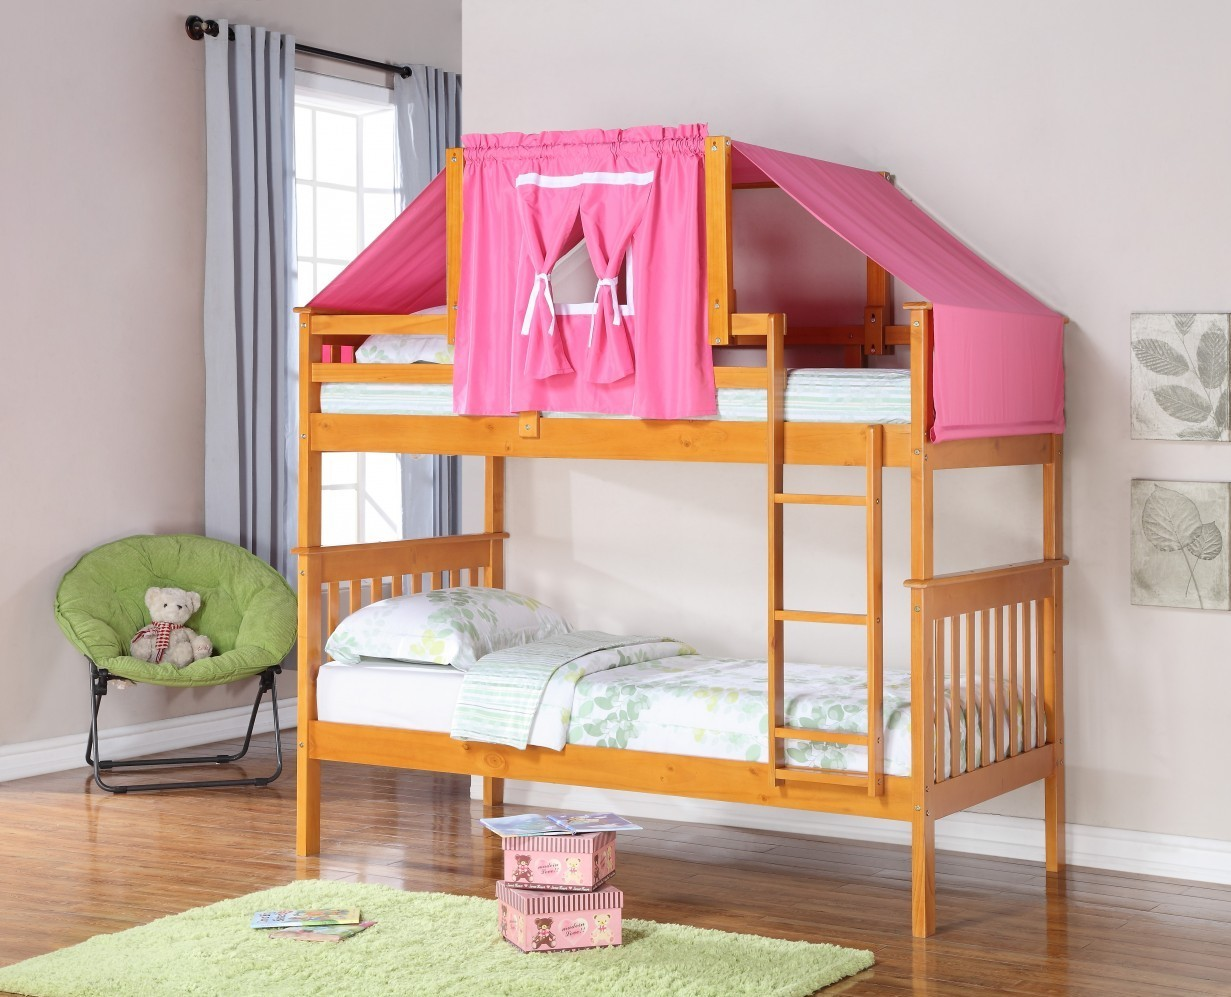 Tent-kit-120-3-Honey